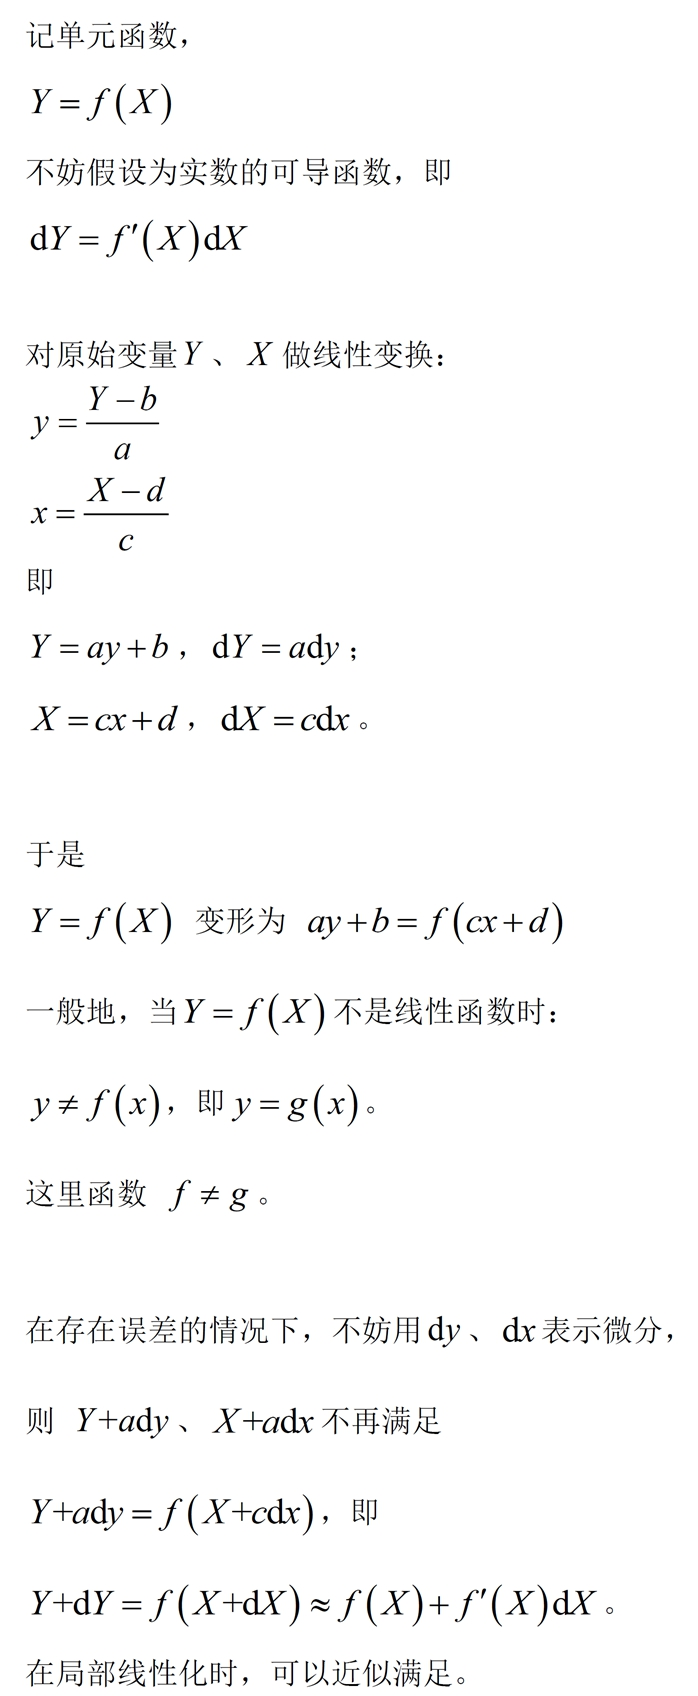 (牛顿猜想)的一个糟糕证明尝试.jpg